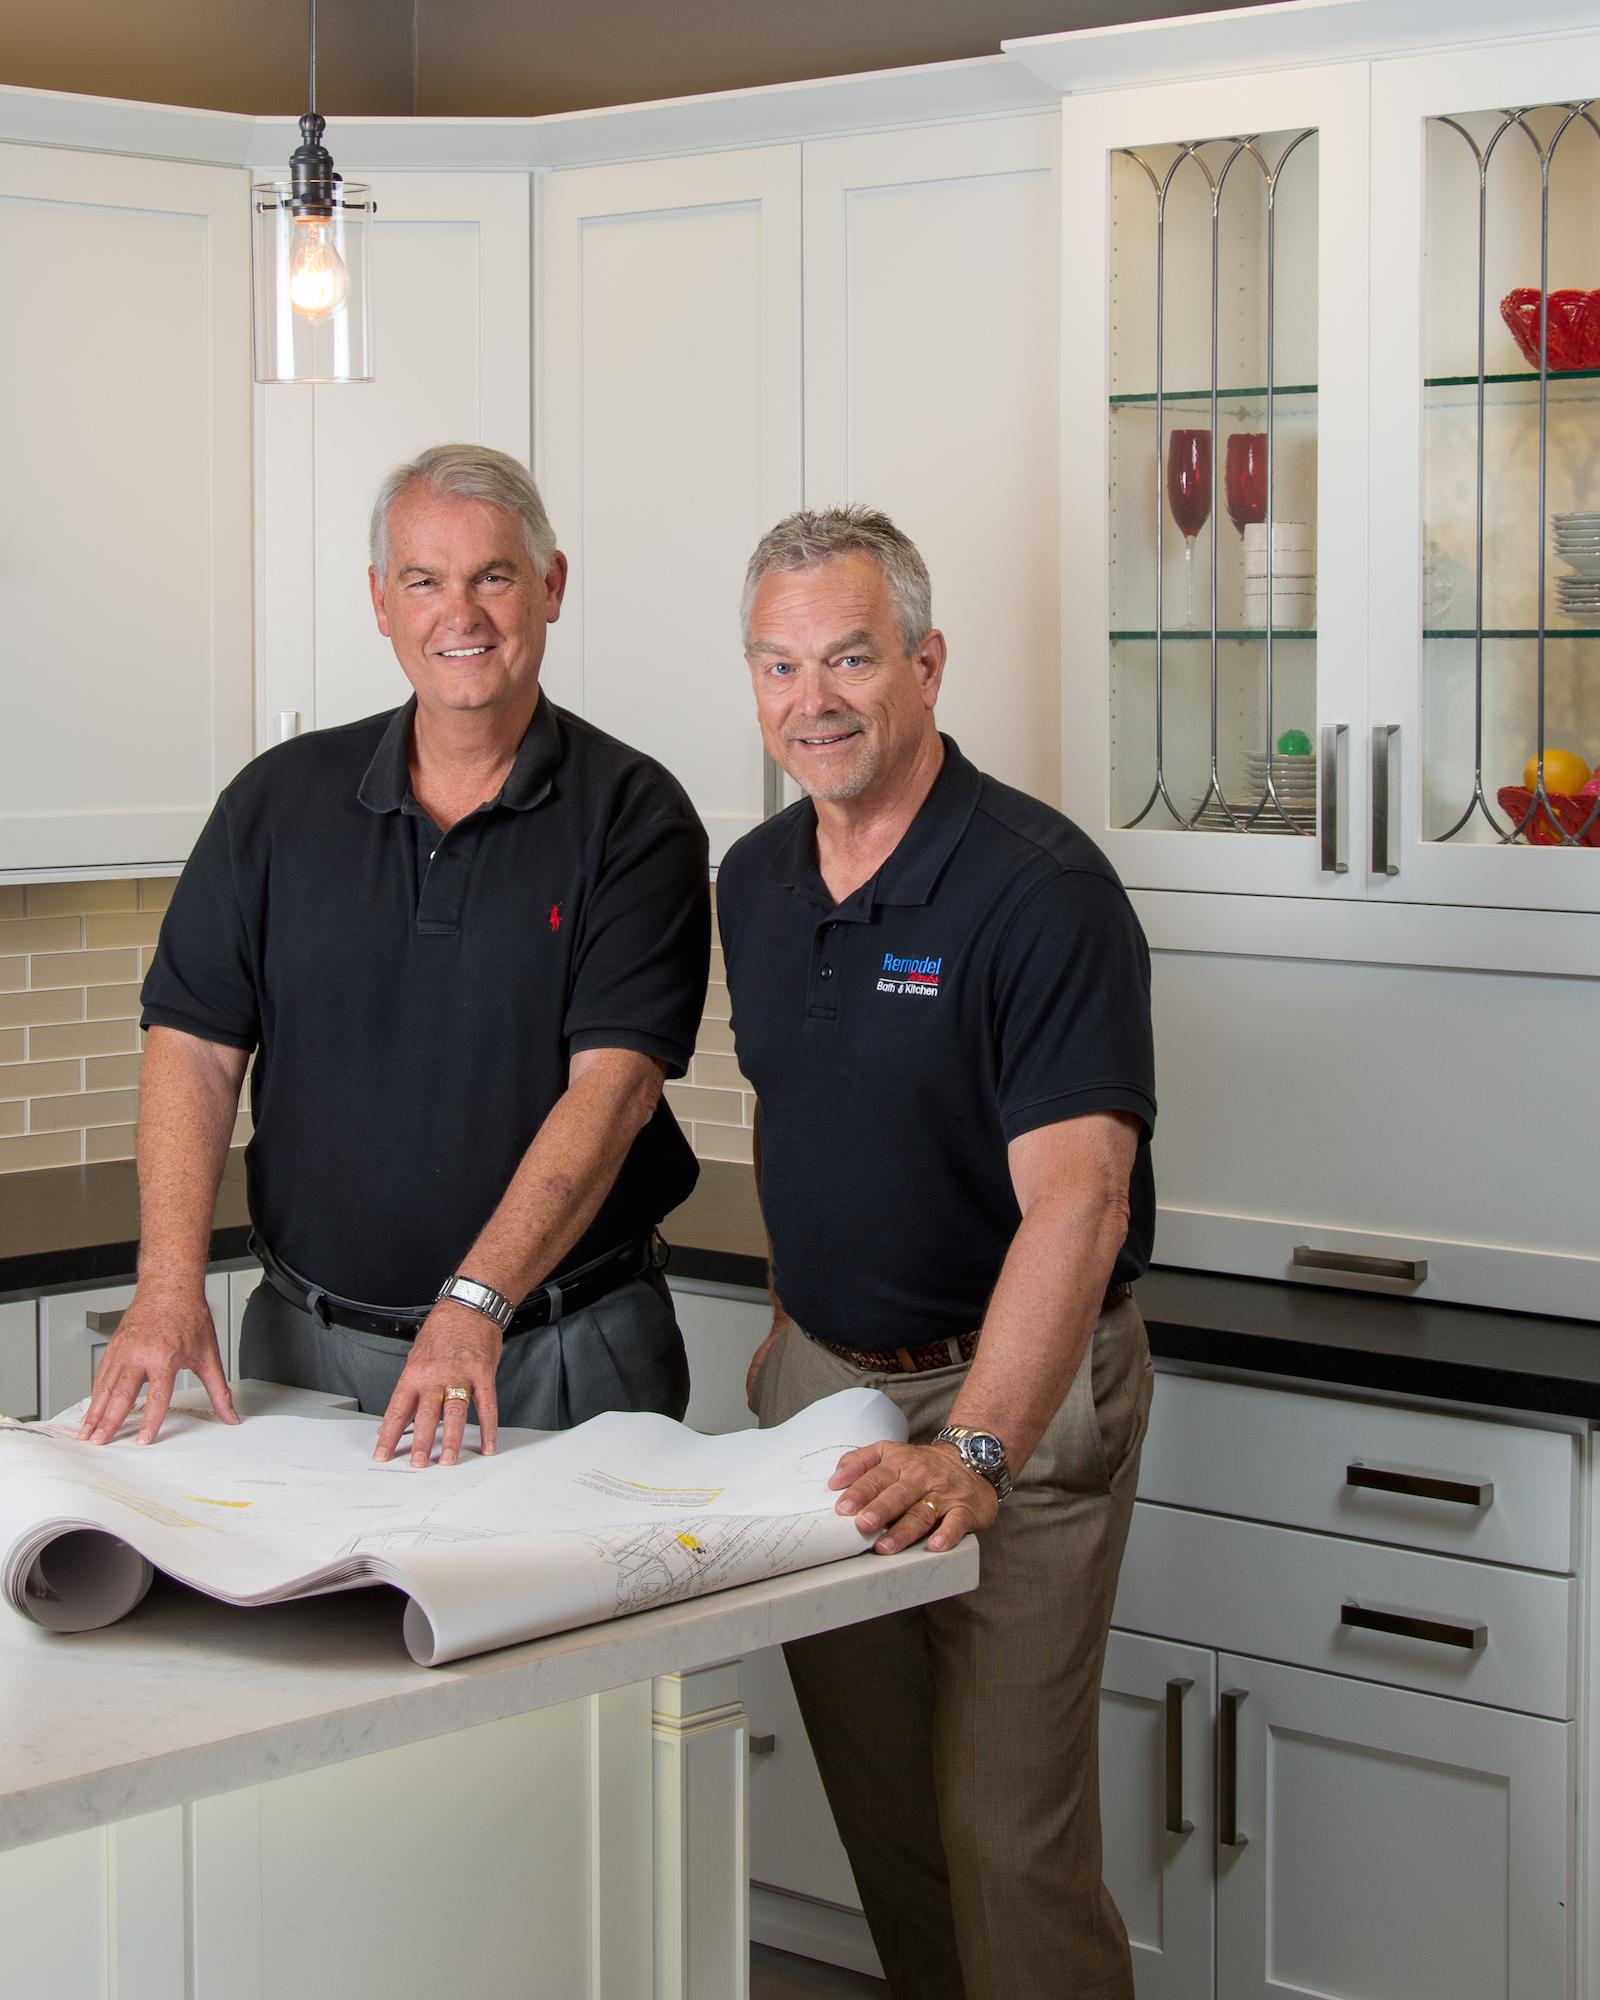 Remodeling Big 50 2015: Remodel Works Kitchen & Bath | Remodeling